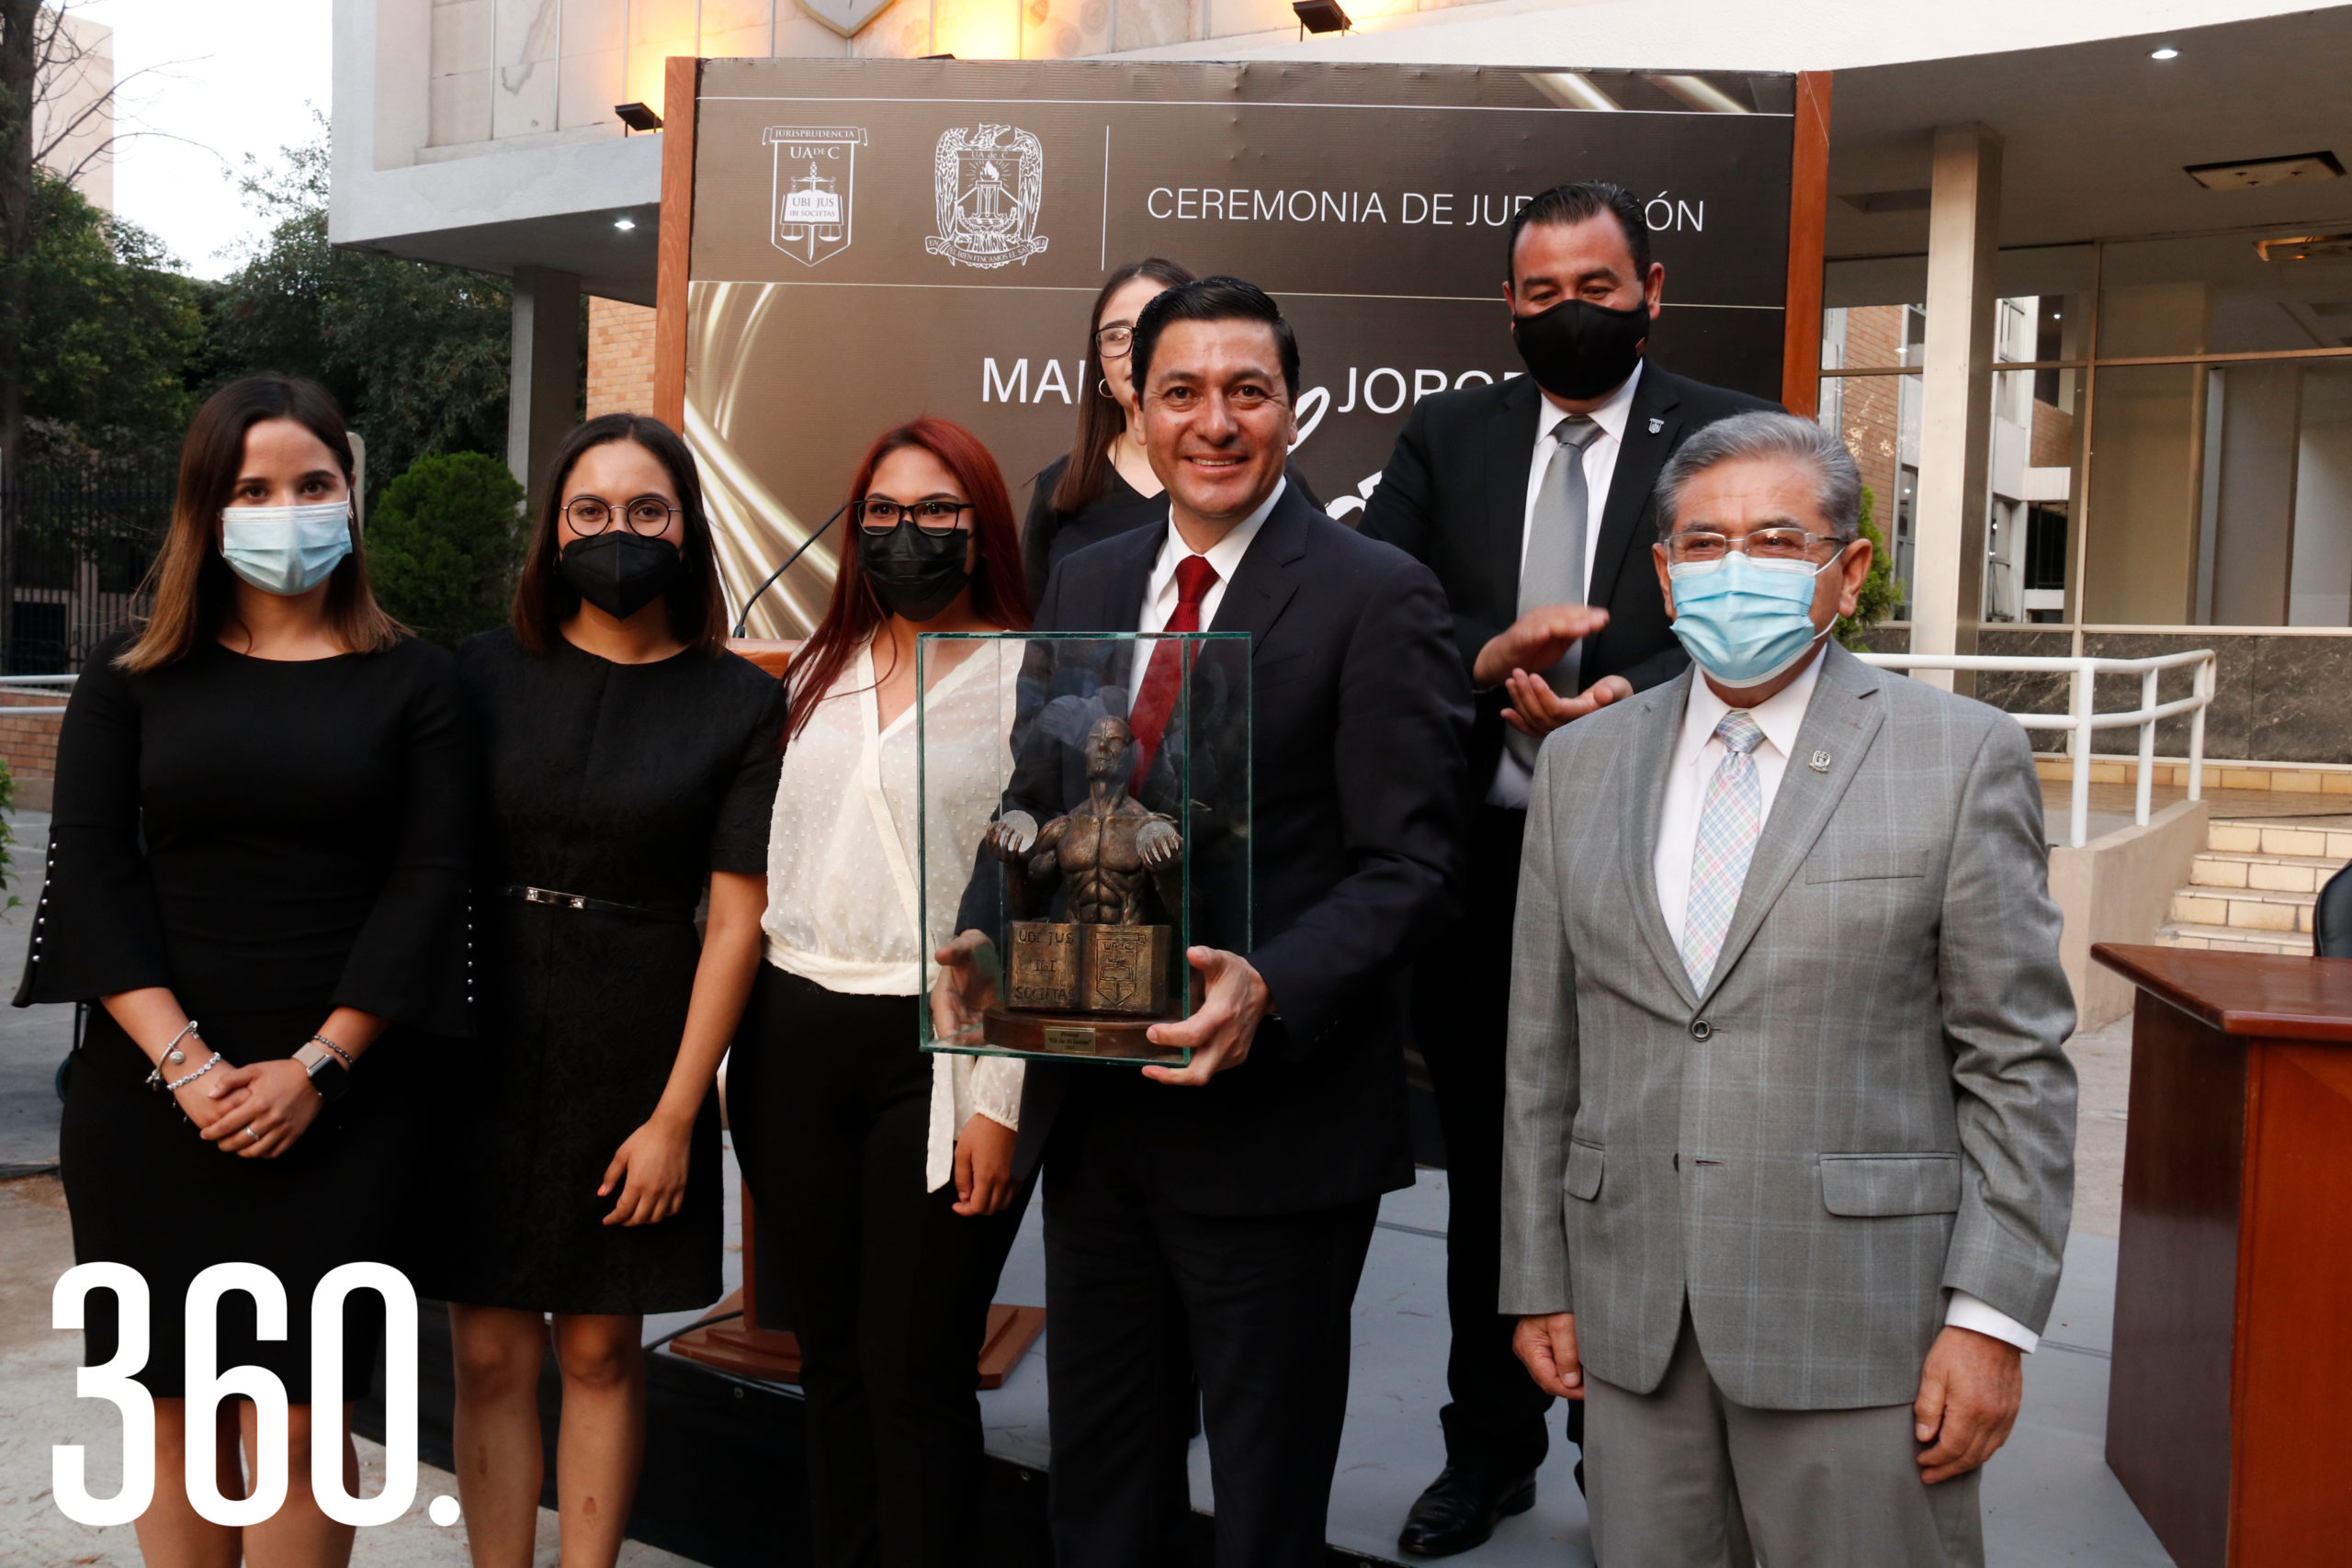 """Un grupo de alumnos entregó al homenajeado una estatua con el lema """"Ubi Jus Ibi Societas"""", junto al rector Salvador Hernández."""